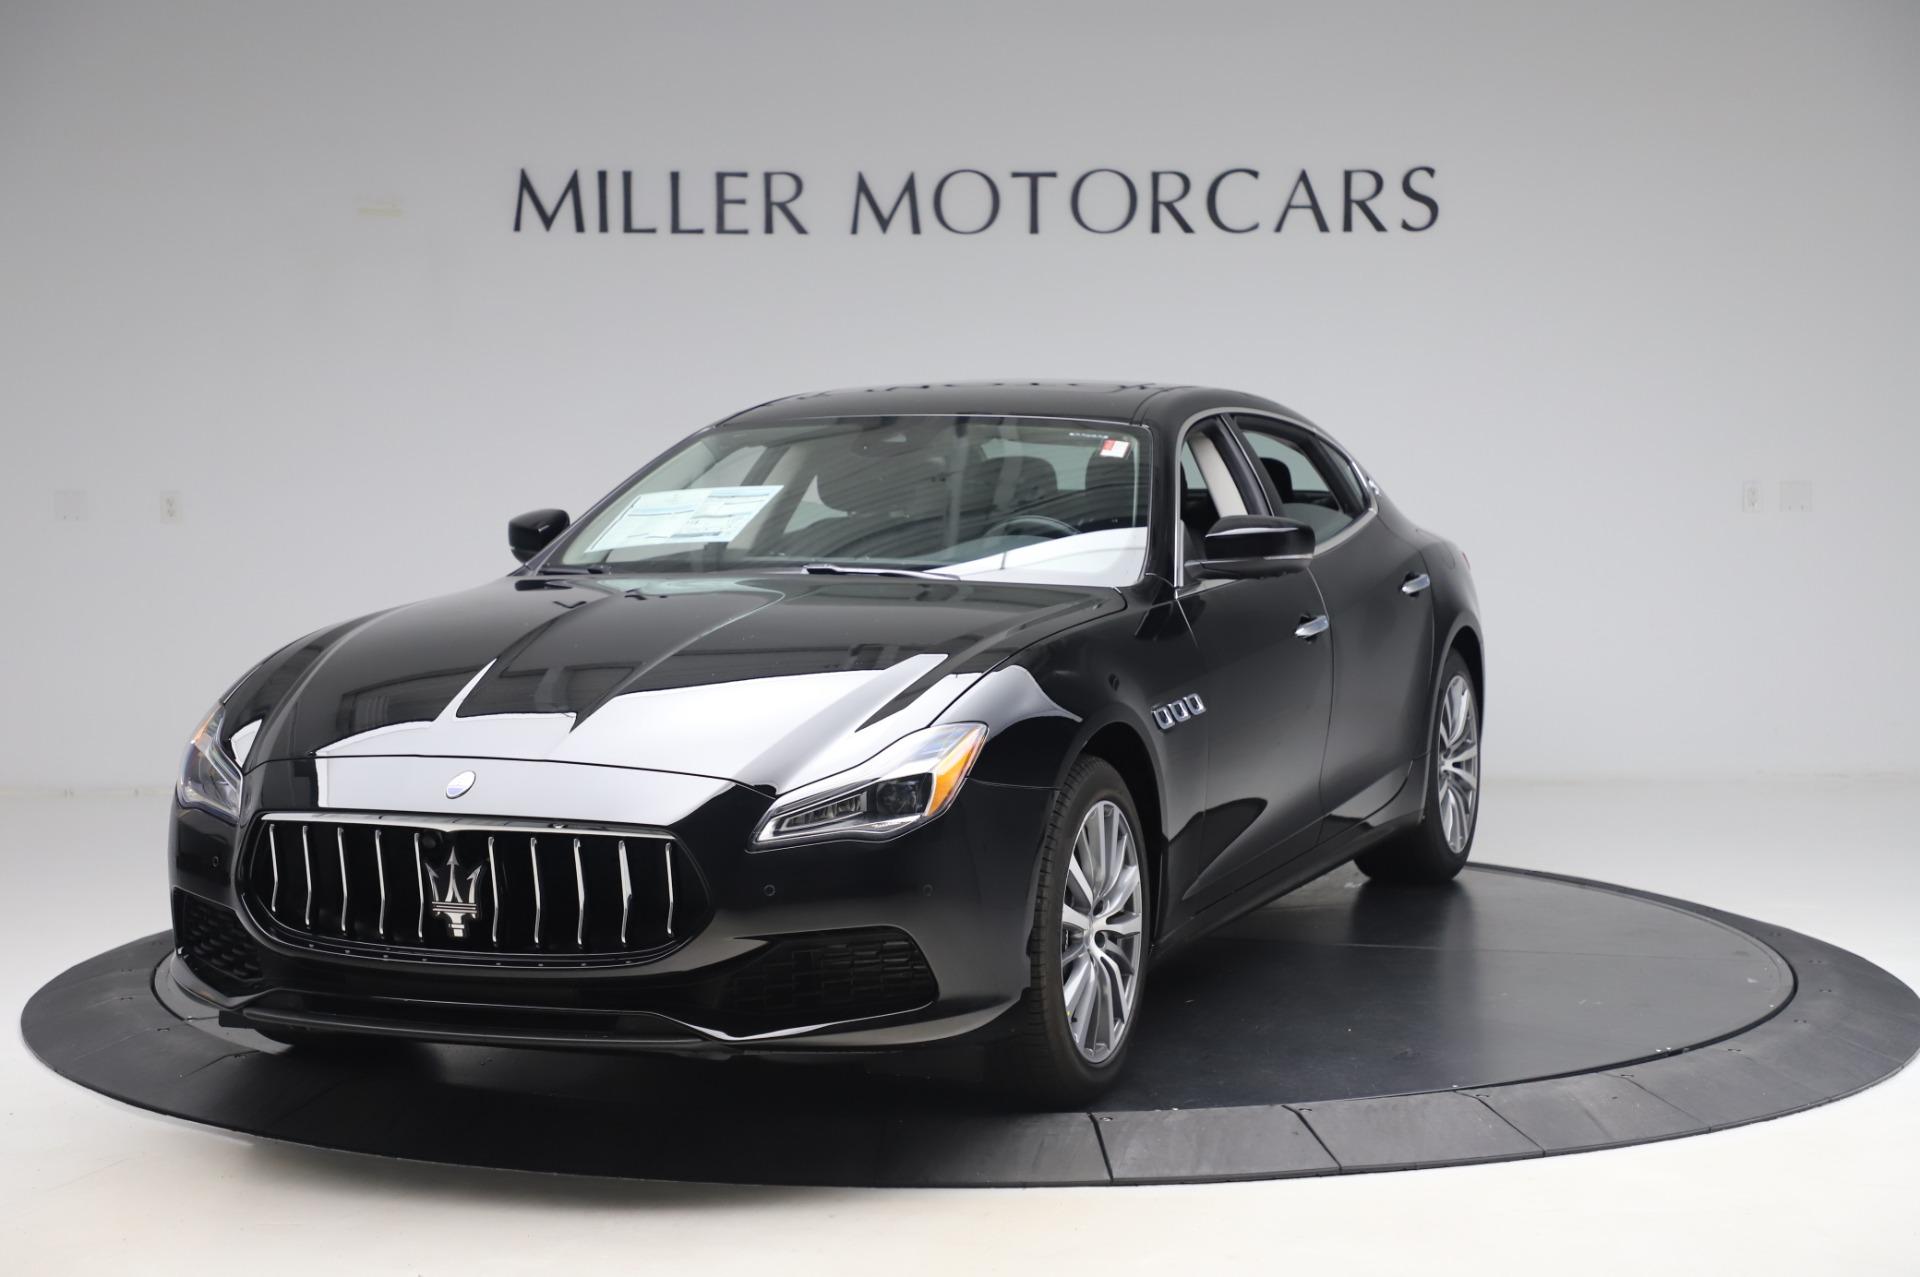 New 2020 Maserati Quattroporte S Q4 for sale $110,999 at Maserati of Westport in Westport CT 06880 1